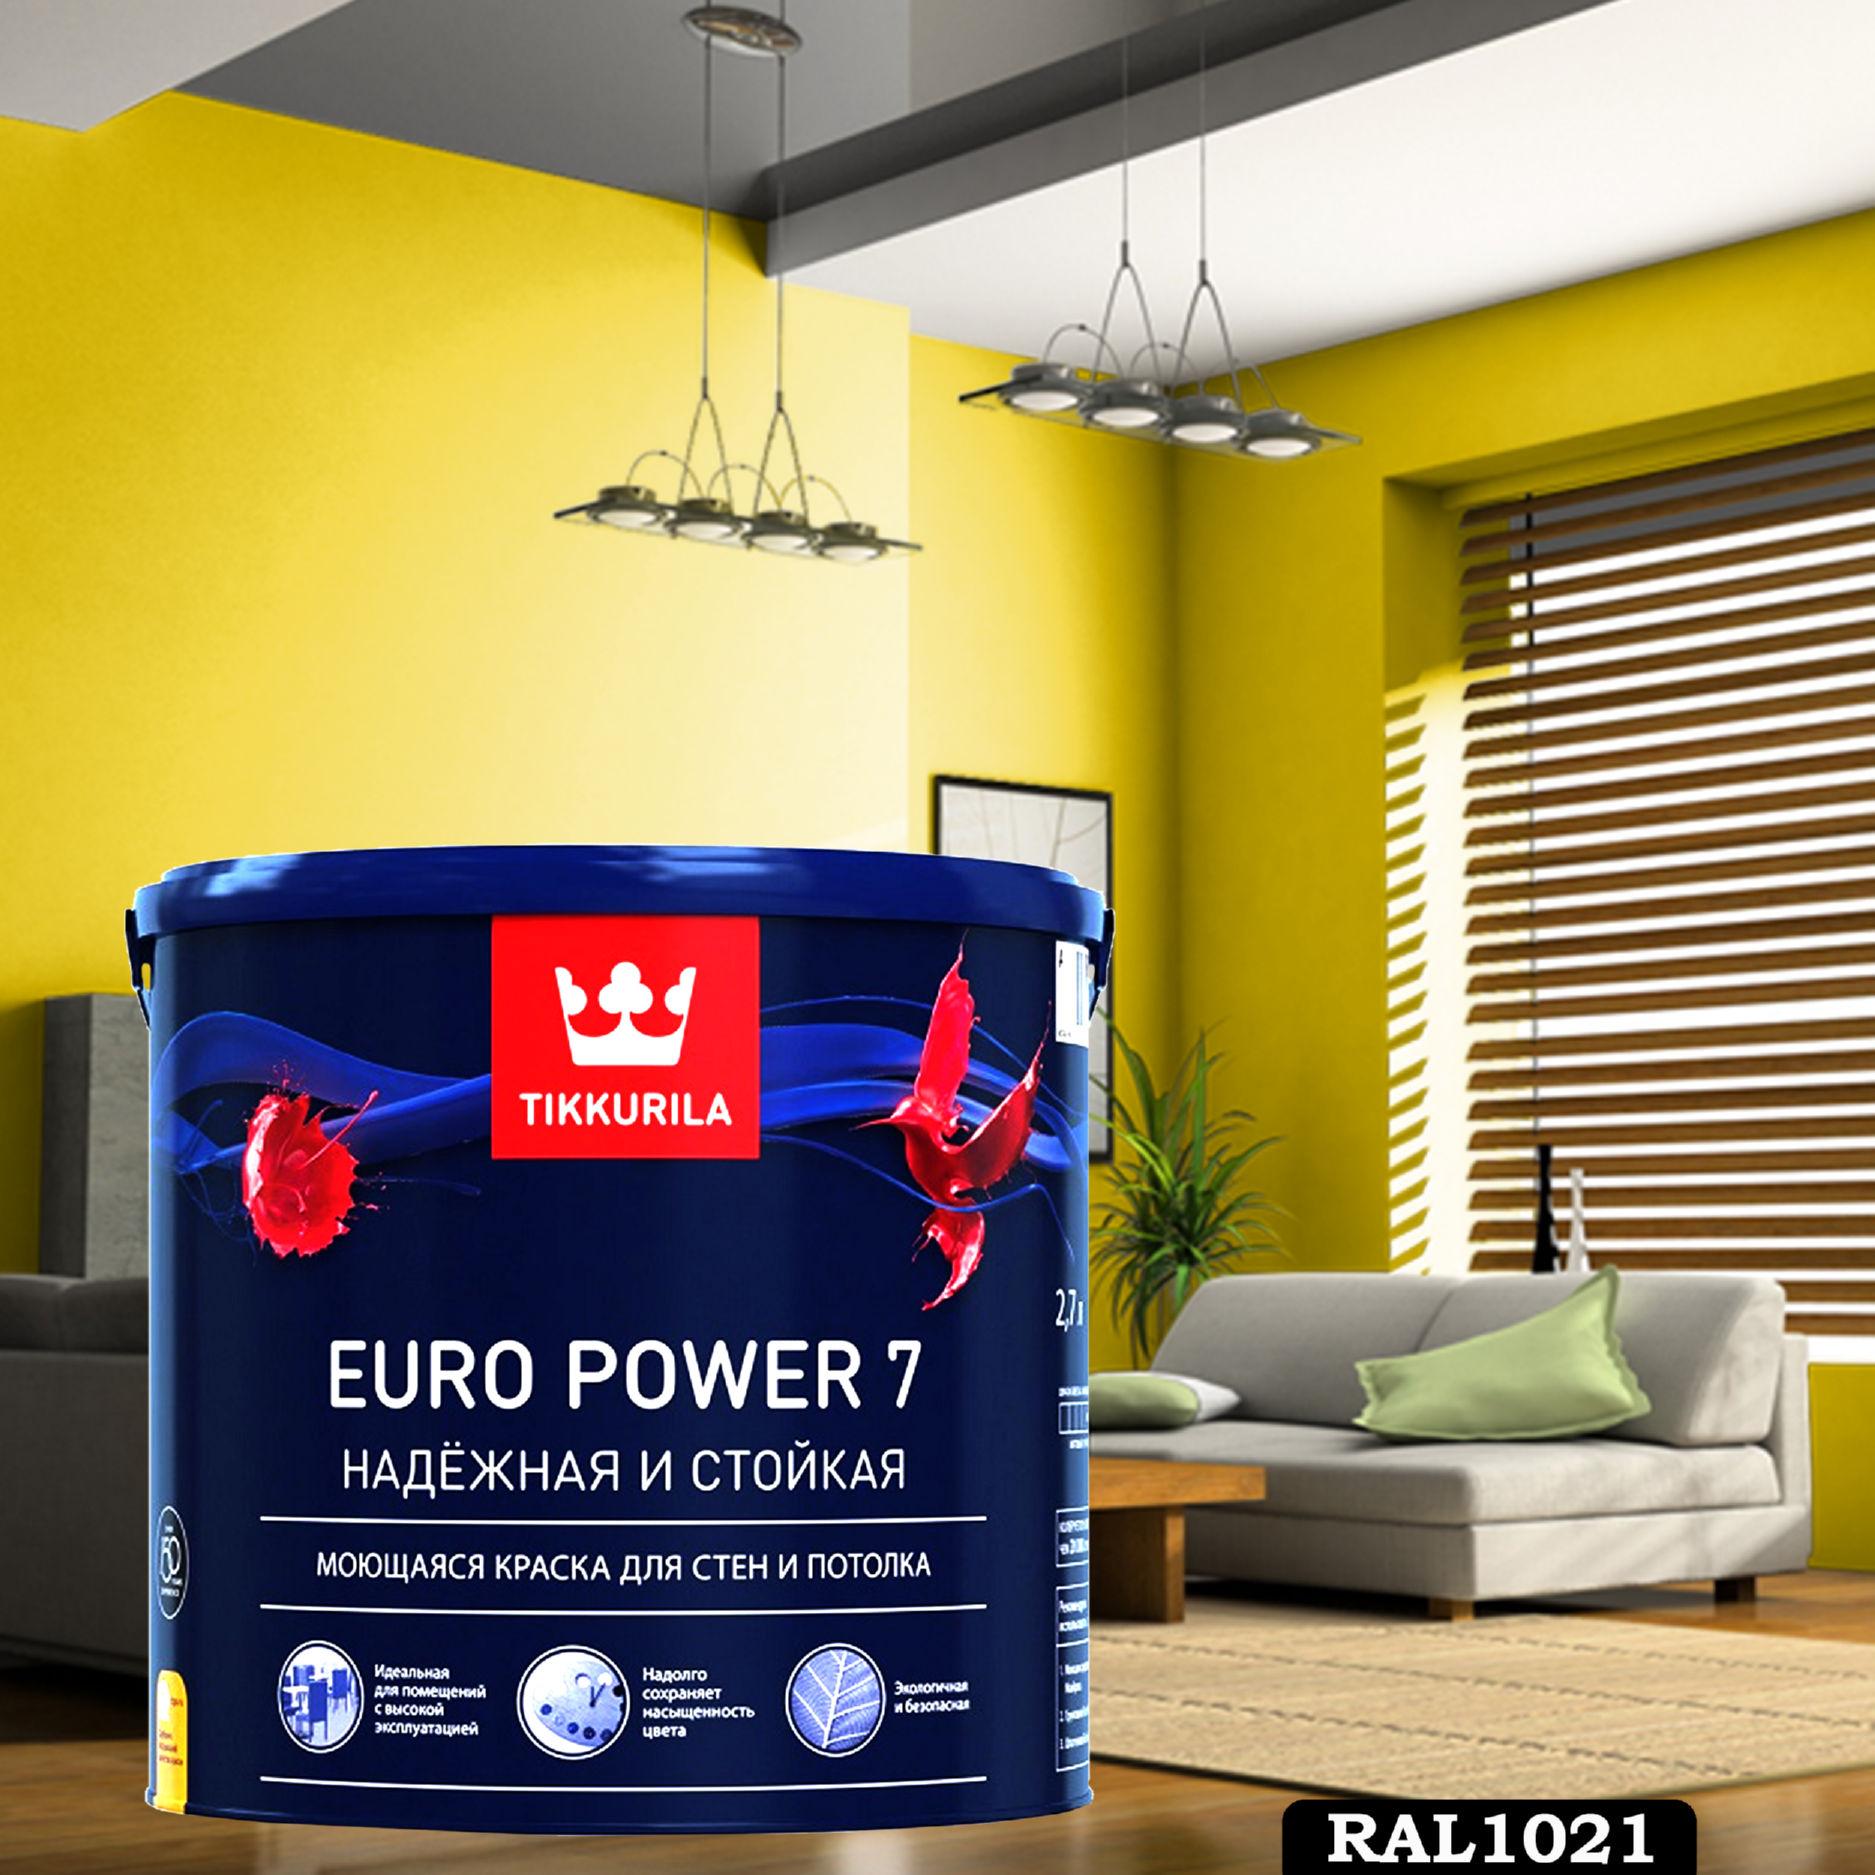 Фото 19 - Краска TIKKURILA Euro Power 7,  RAL 1021 Рапсово-жёлтый, латексная моющаяся матовая интерьерная, 9 л.